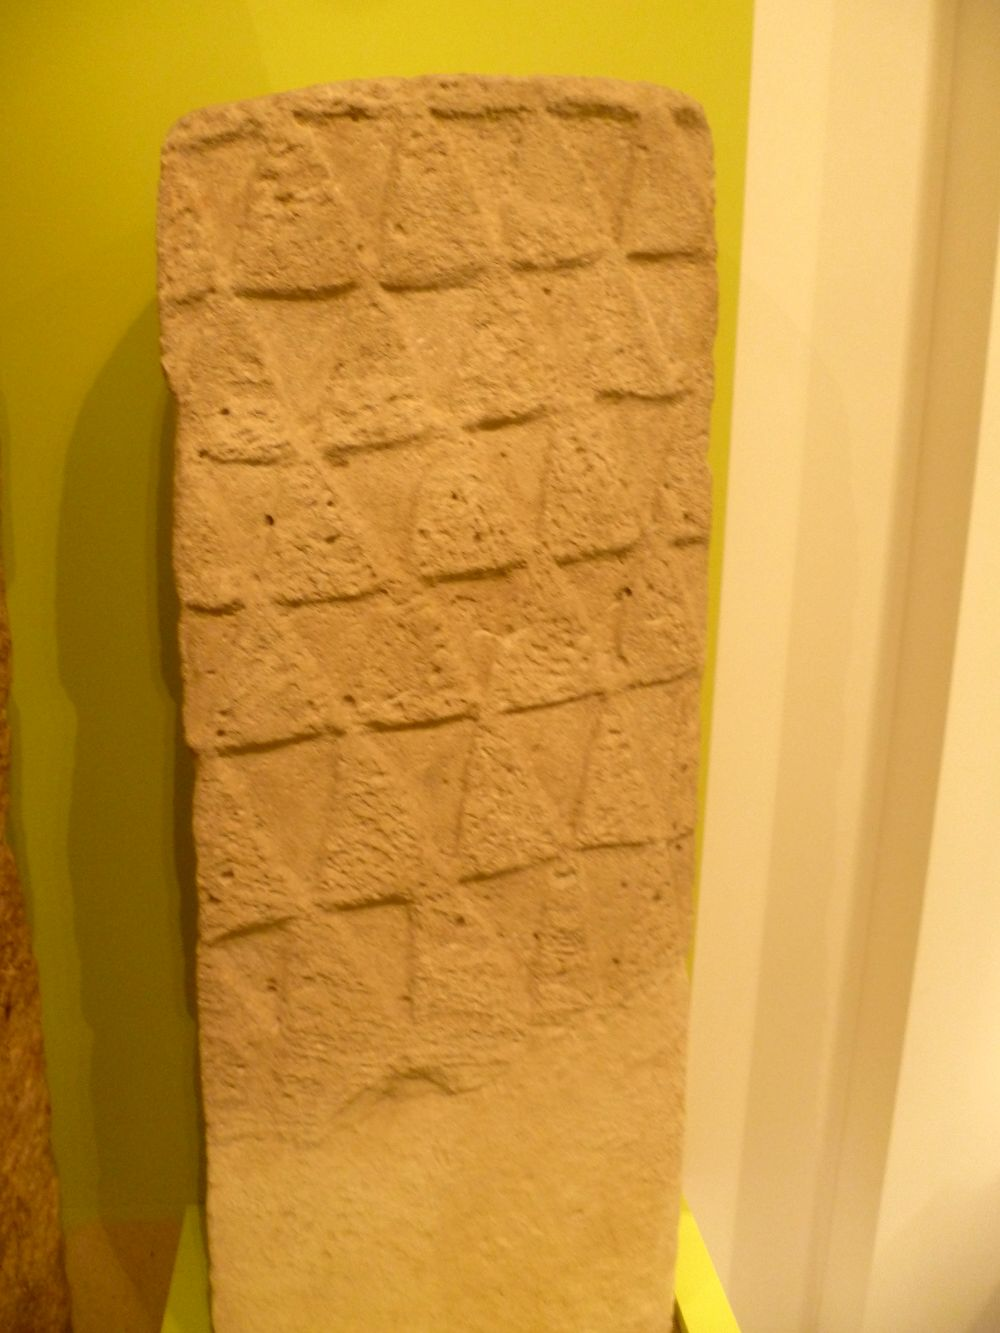 Eine Steinstele aus leicht rötlichem Sandstein. Sie ist mit einem Relief aus Dreiecken verzeiht